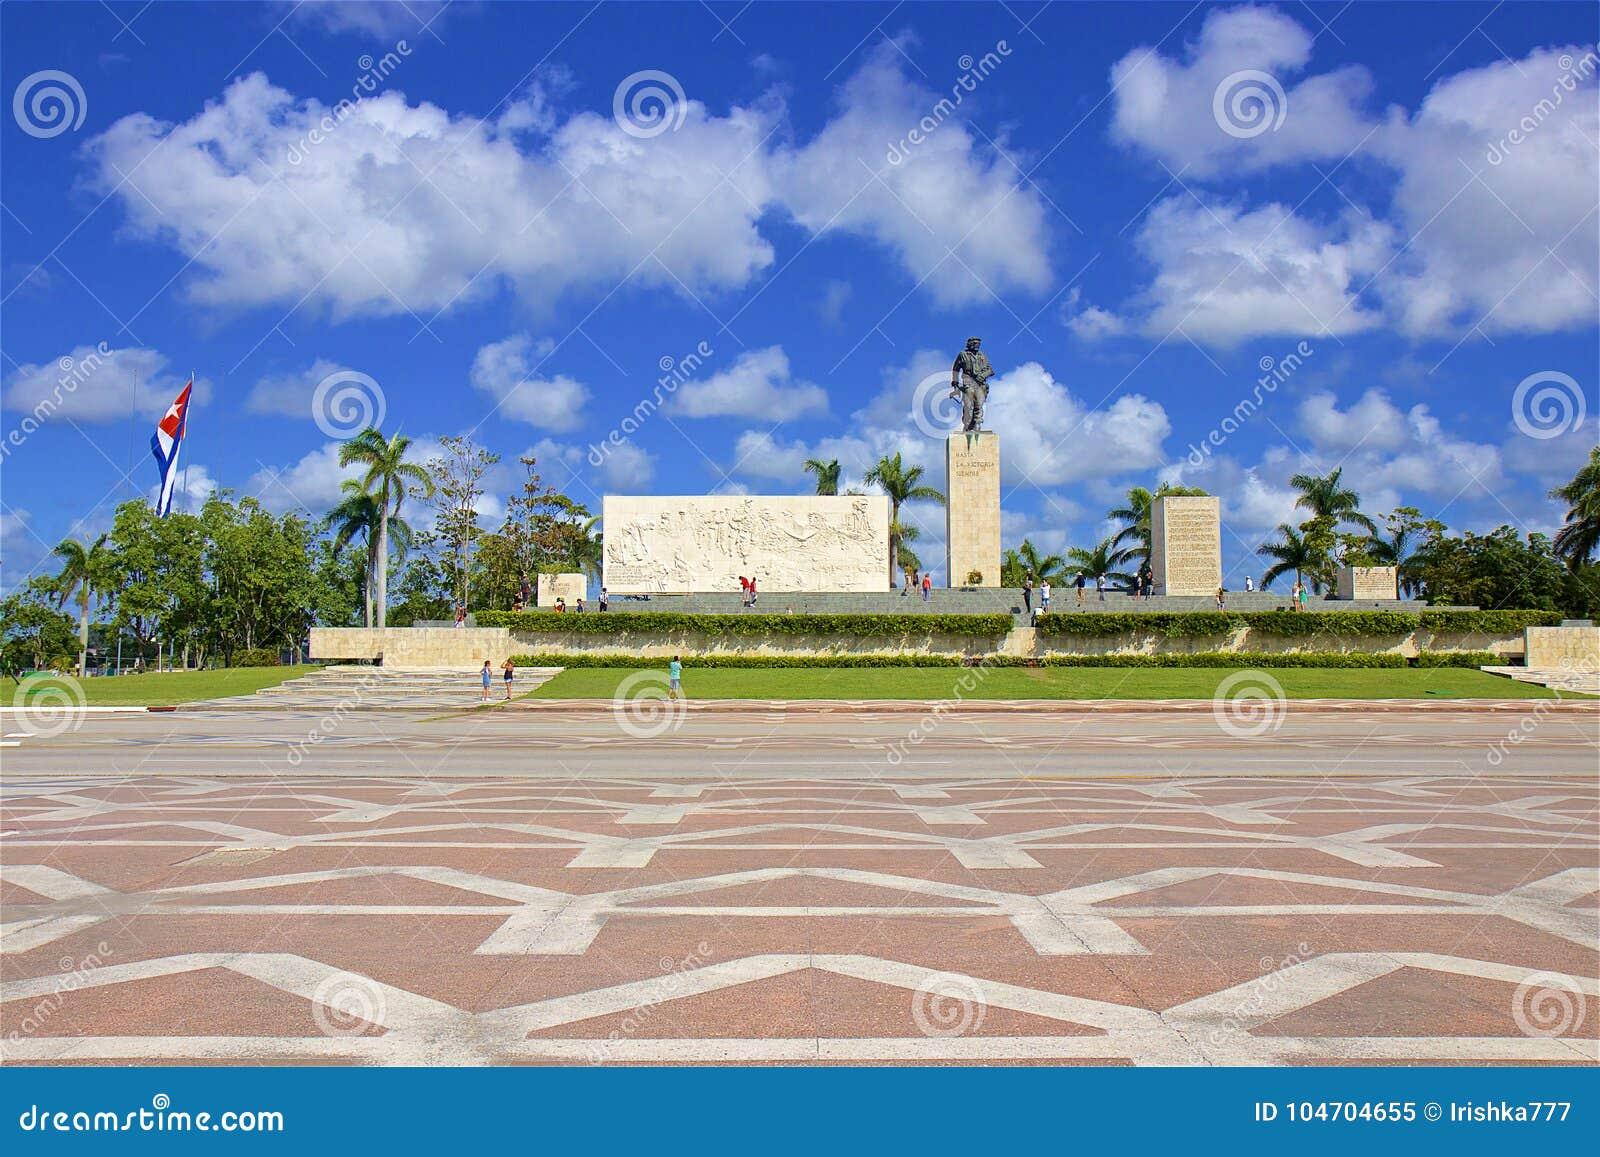 Vie di Santa Clara, Cuba